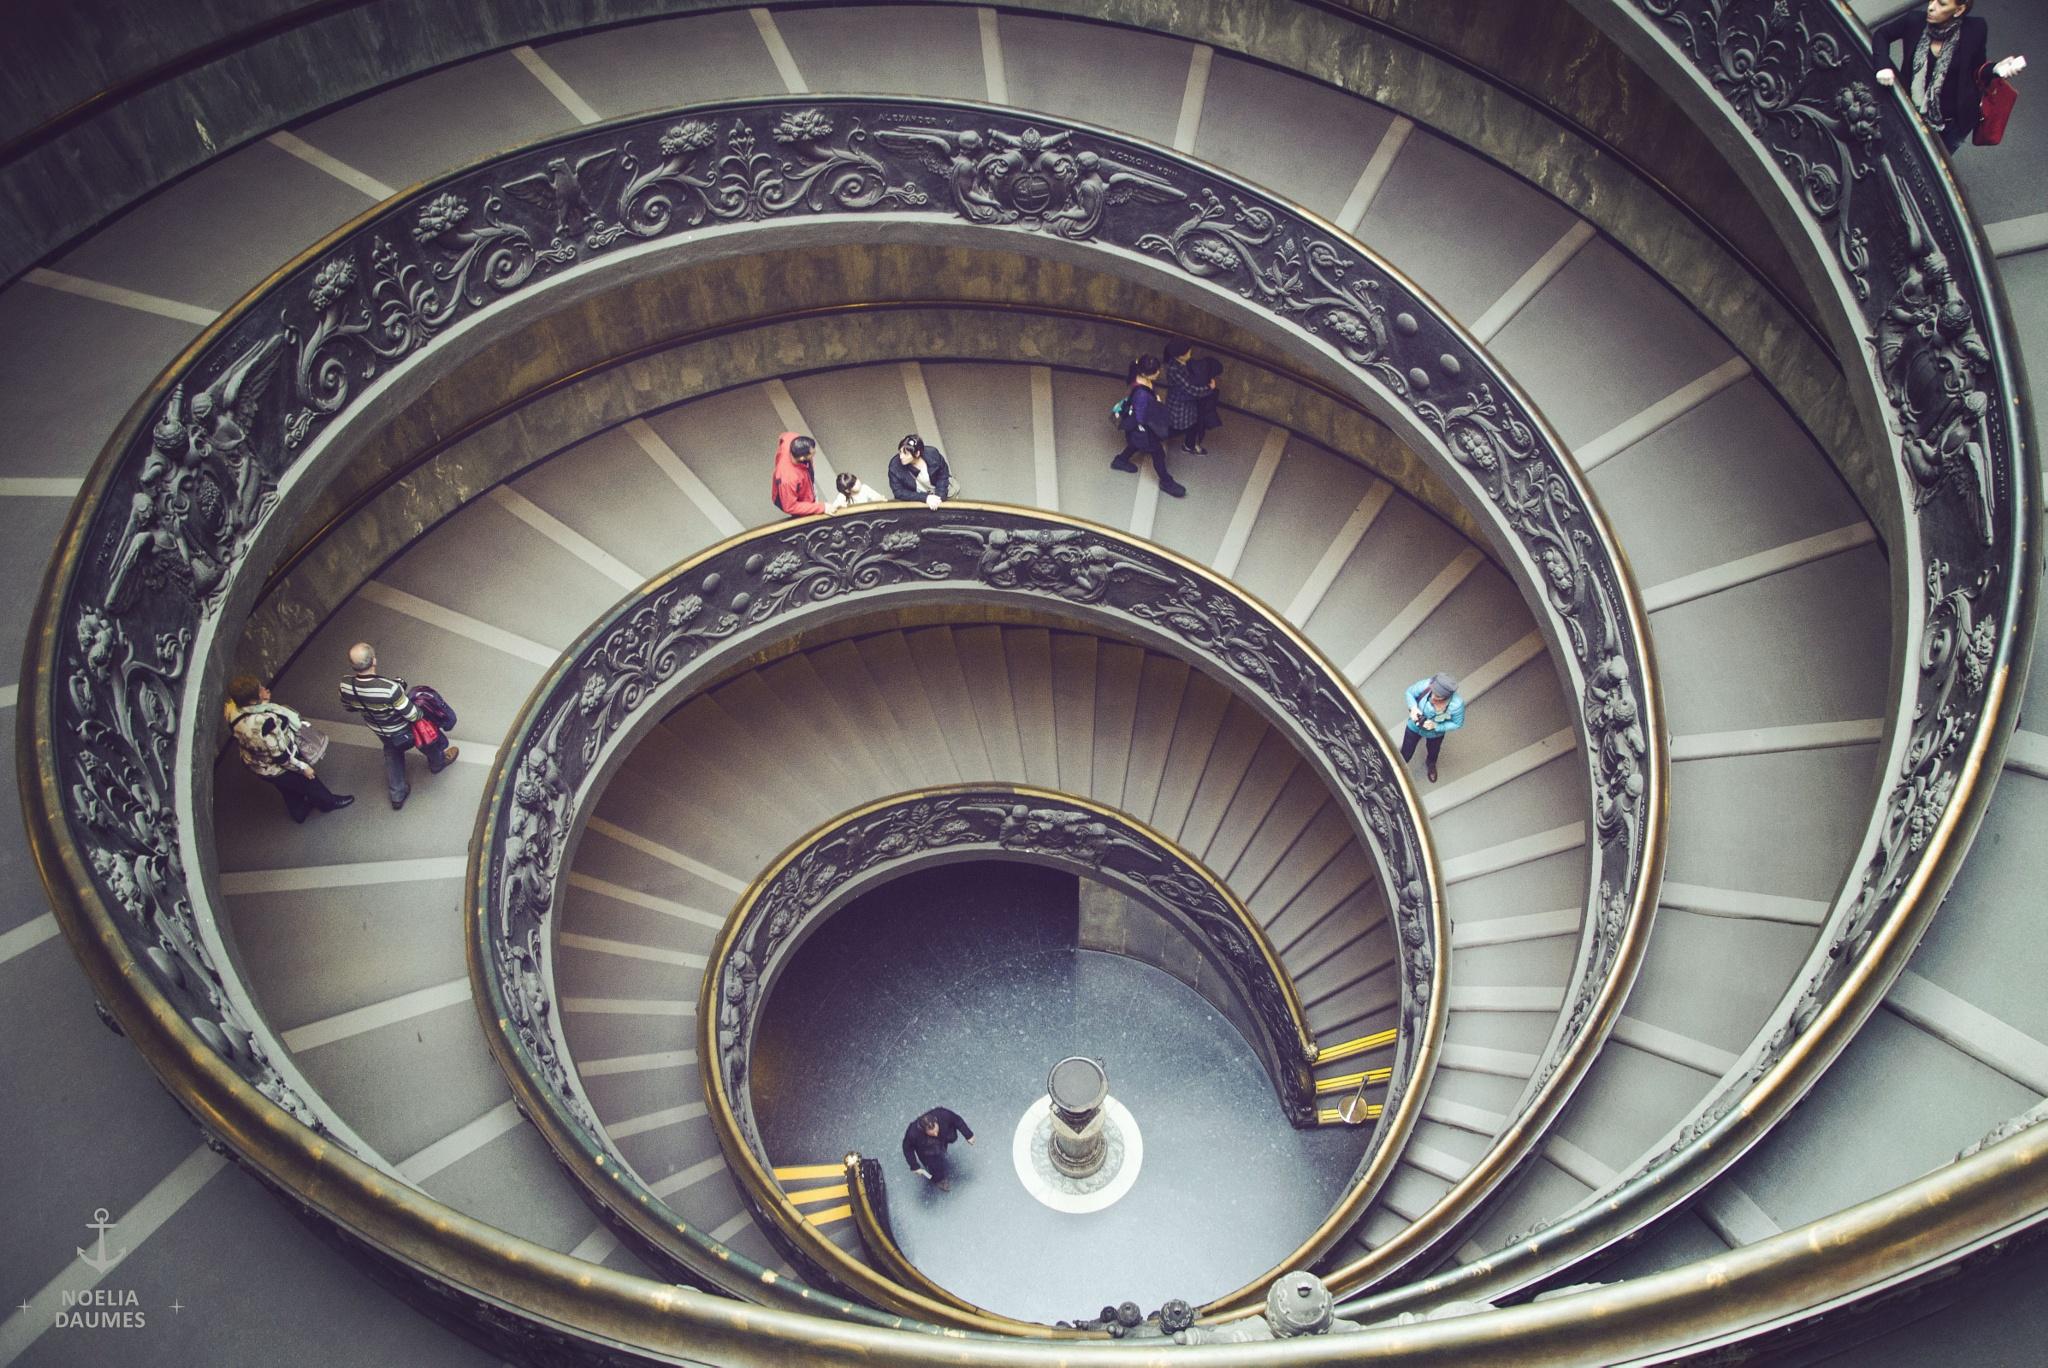 Vaticano by Noelia Daumes